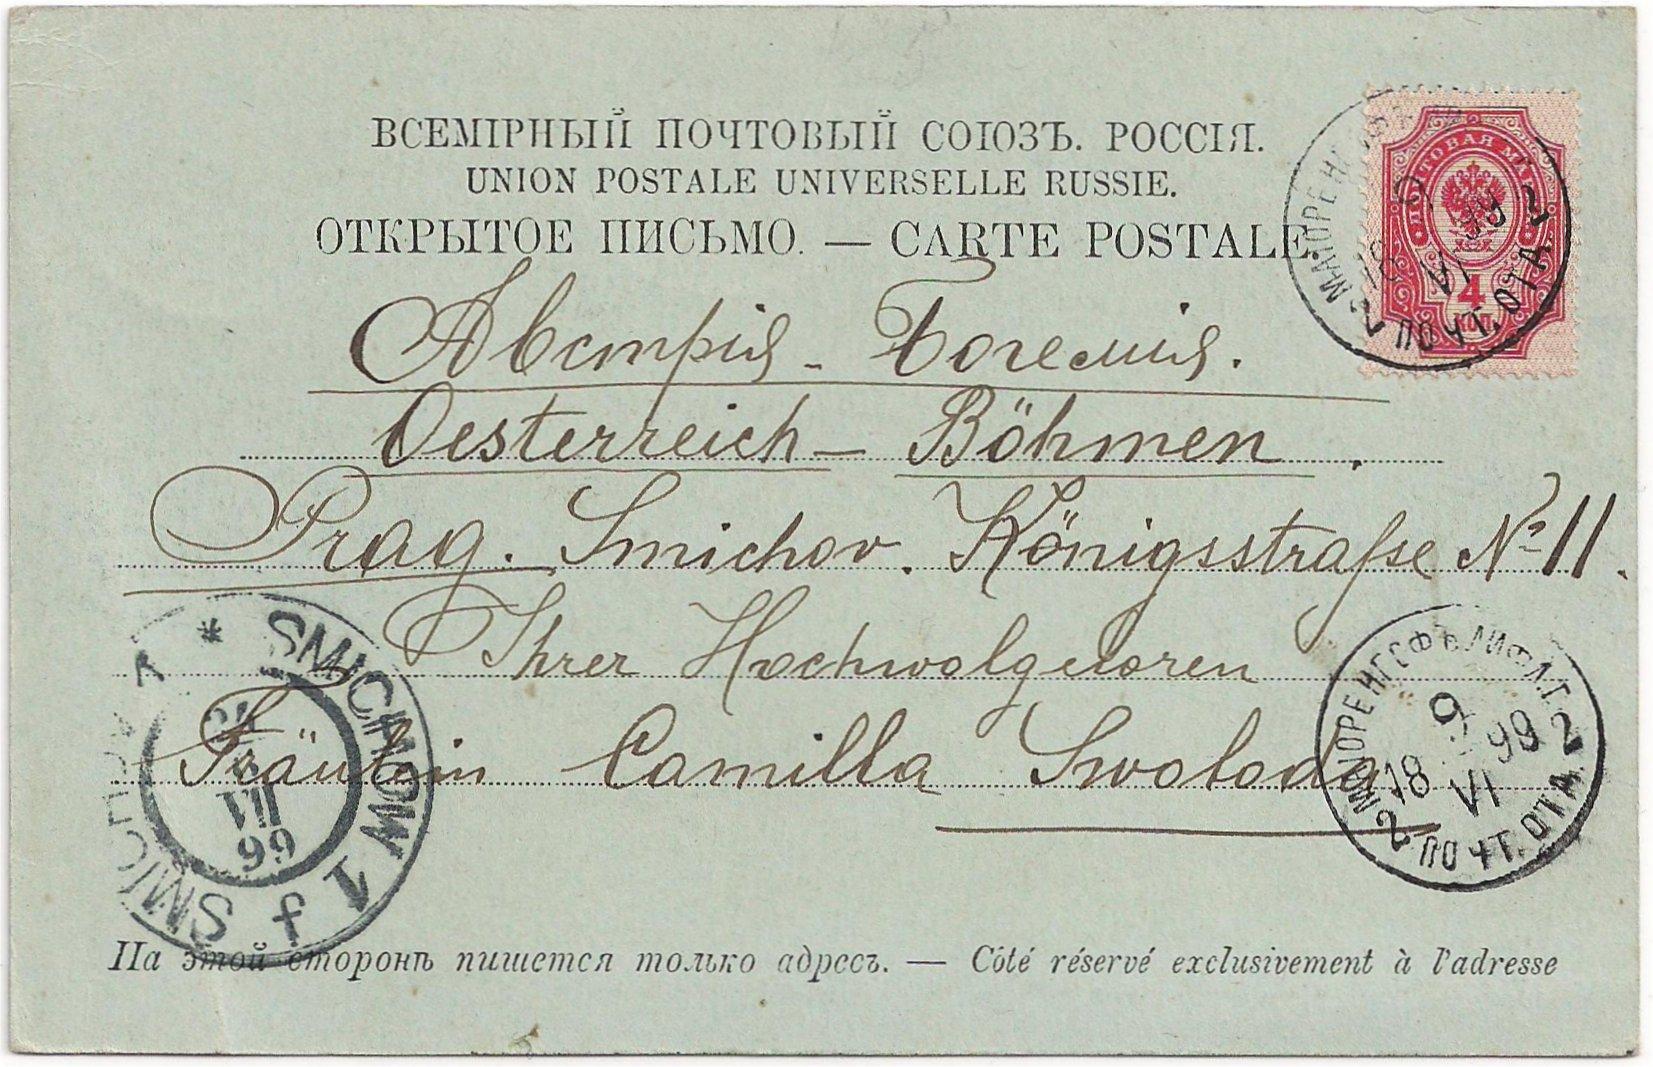 De adreszijde van de kaart hierboven, met het stempel МАIОРЕНГОФЪ [MAIORENGOF], Majori